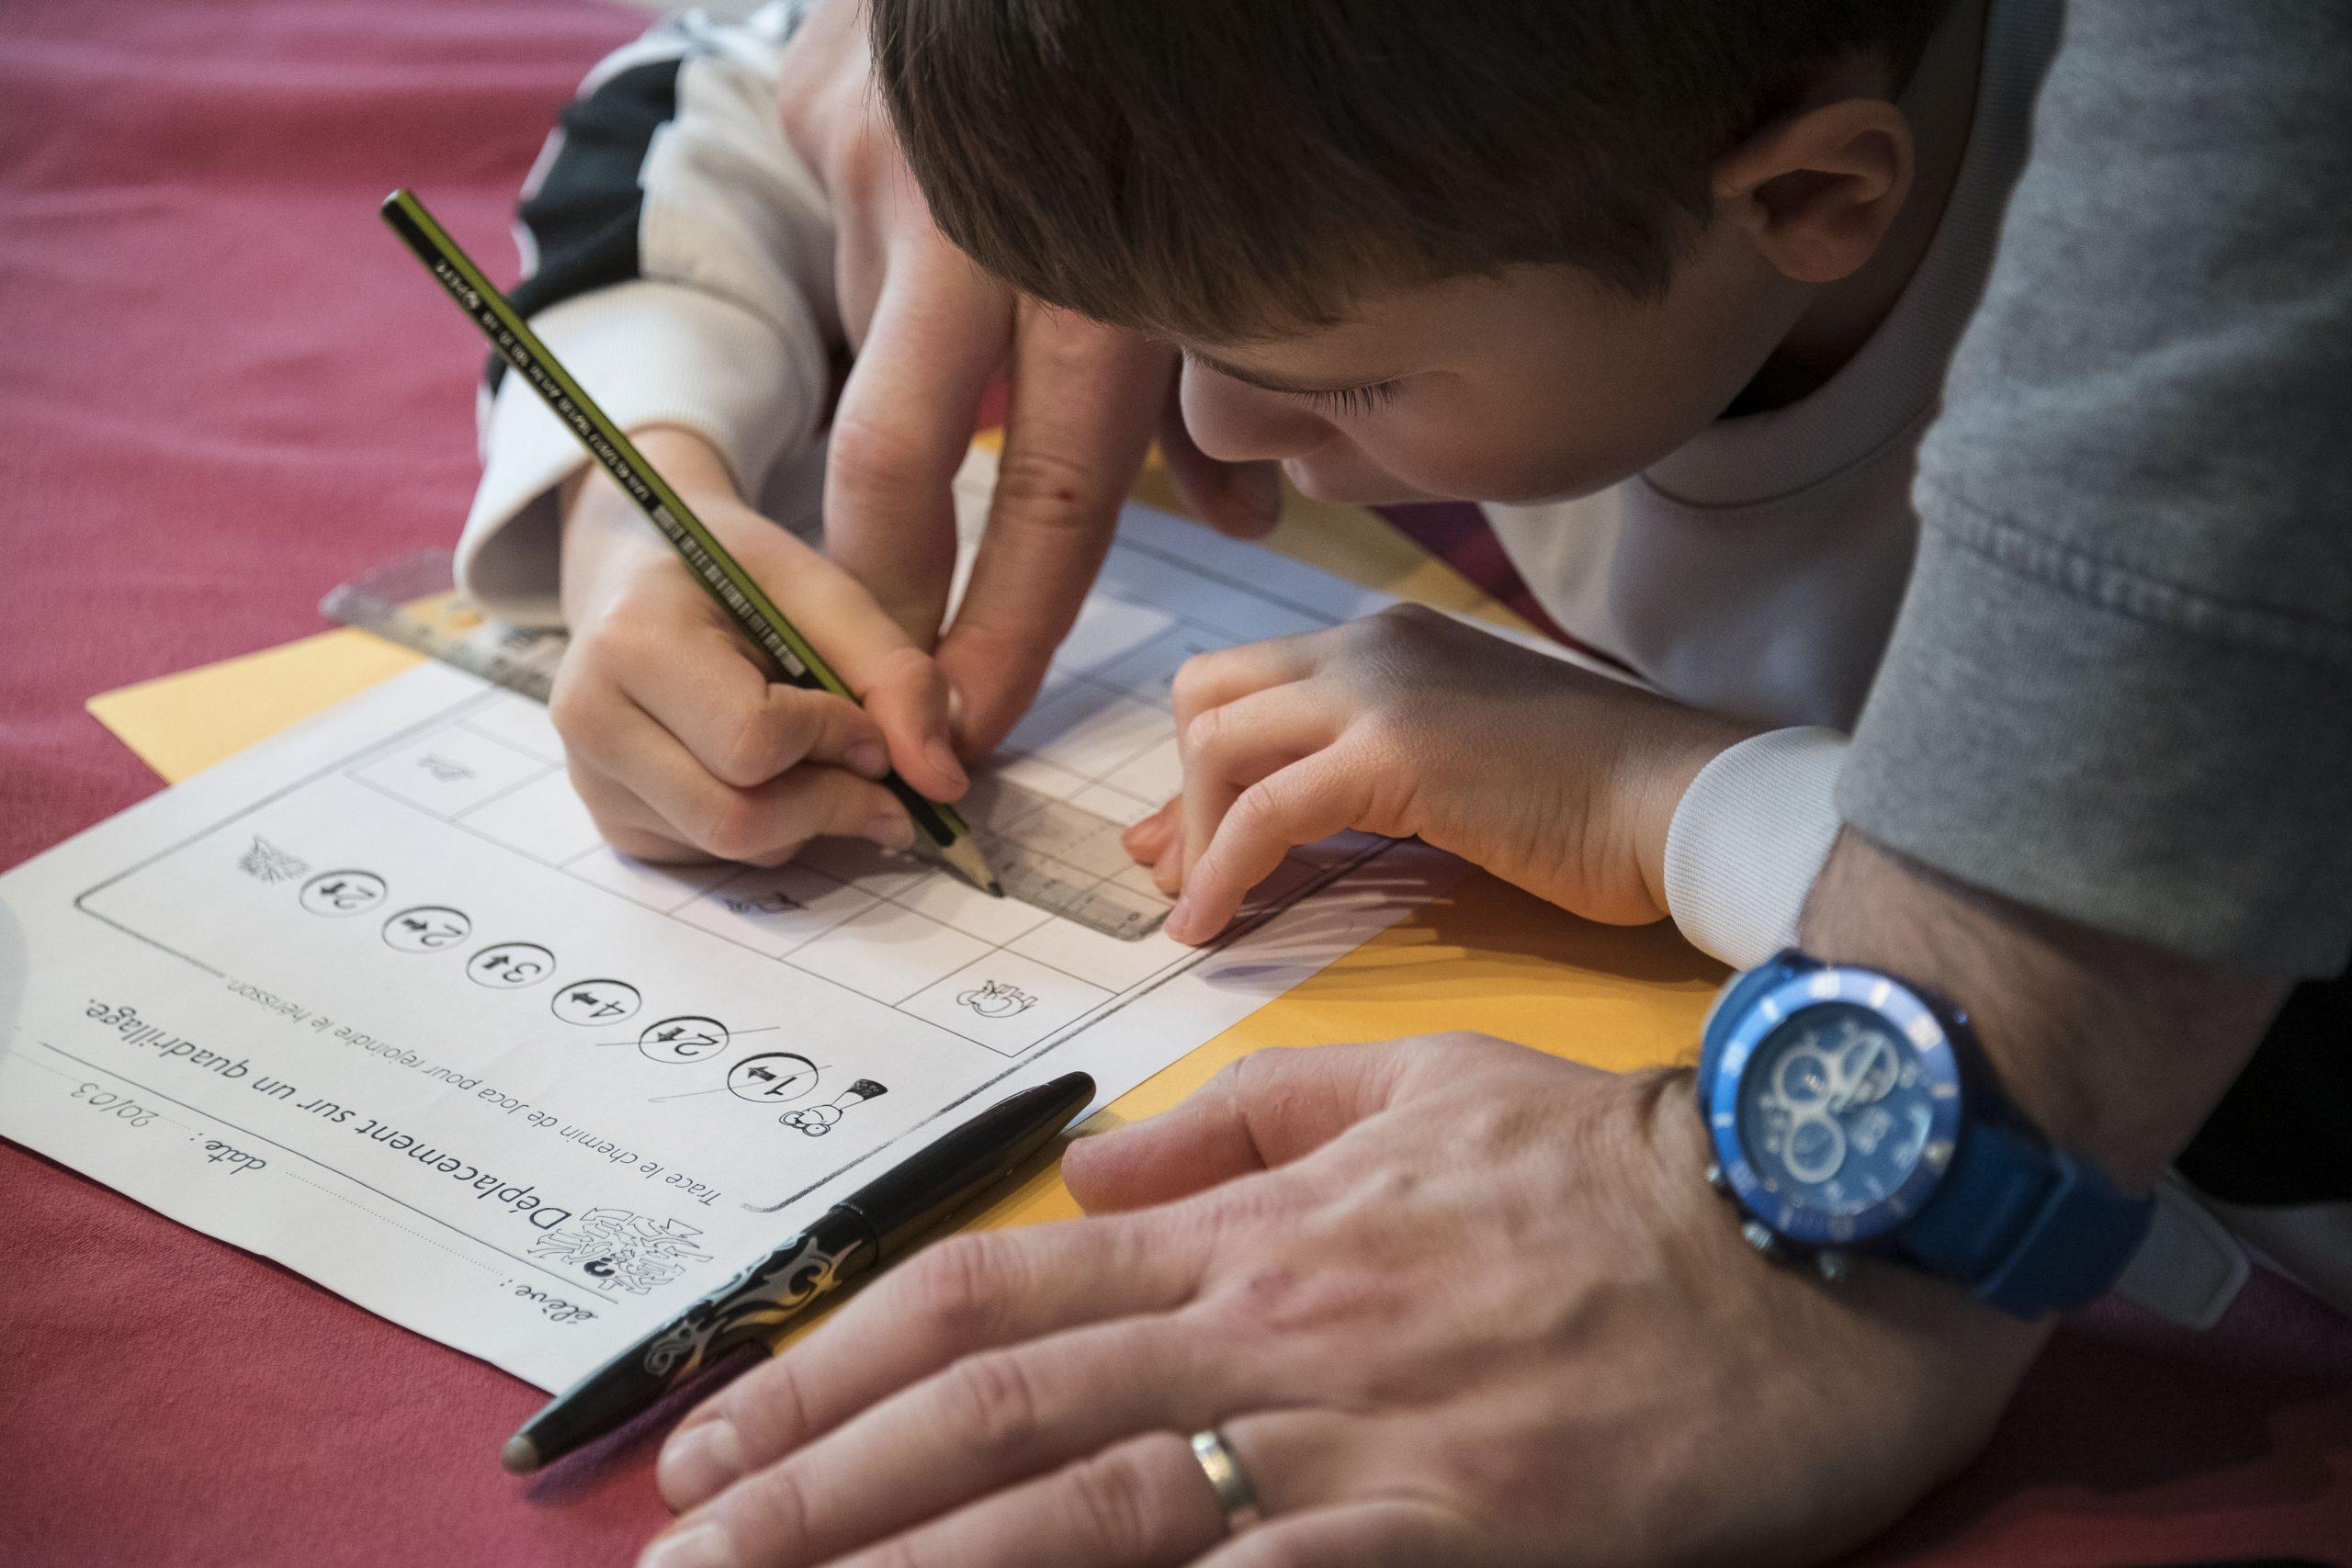 Dessins, Graphismes, Mathématiques… La Journée Type Pour concernant Jeux Gratuits Pour Bebe De 3 Ans